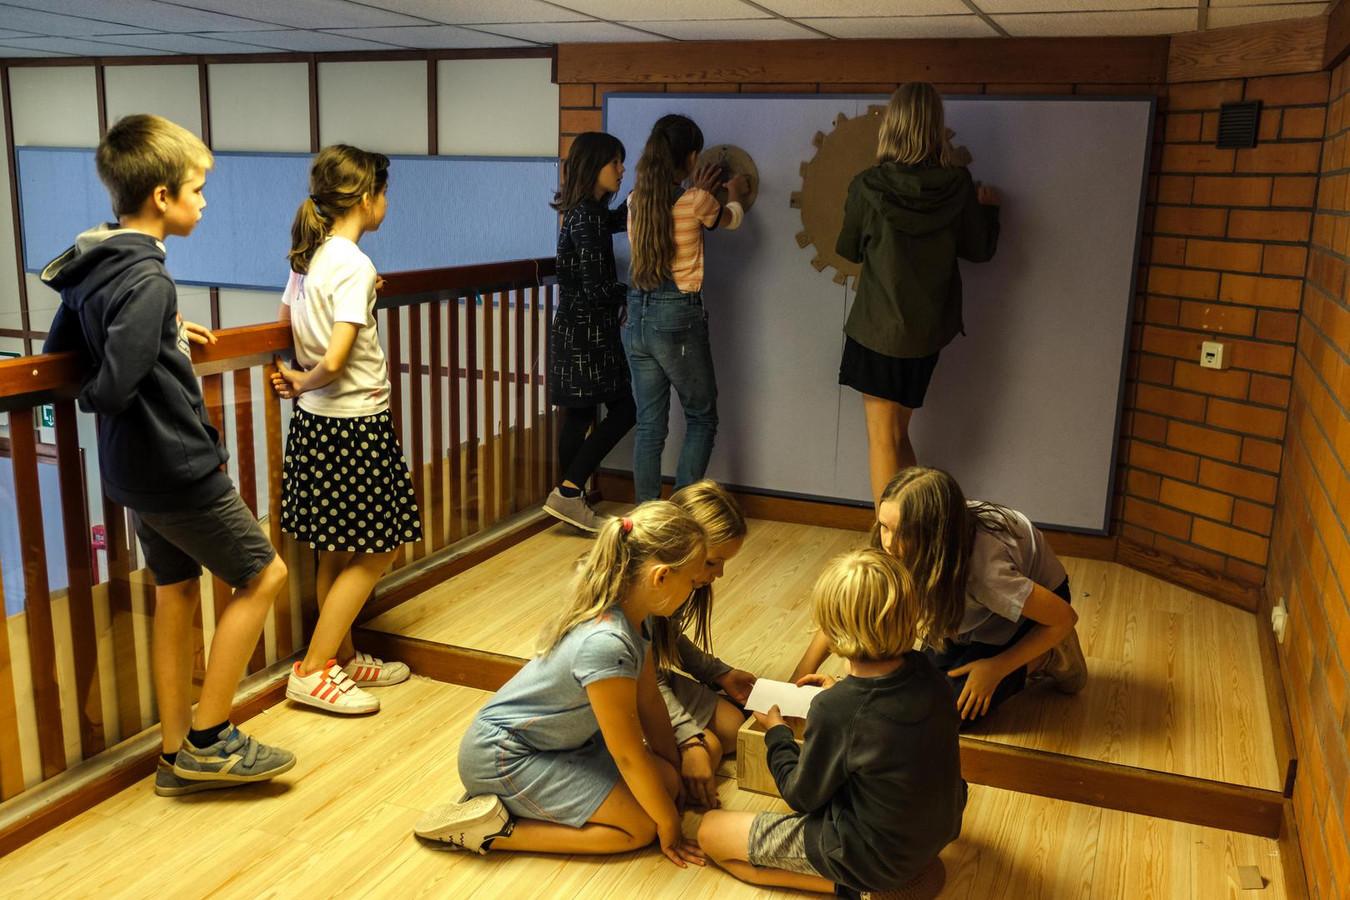 In de Jan Frans Willemsschool hebben de leerlingen van het vijfde leerjaar zelf enkele escape rooms gebouwd.